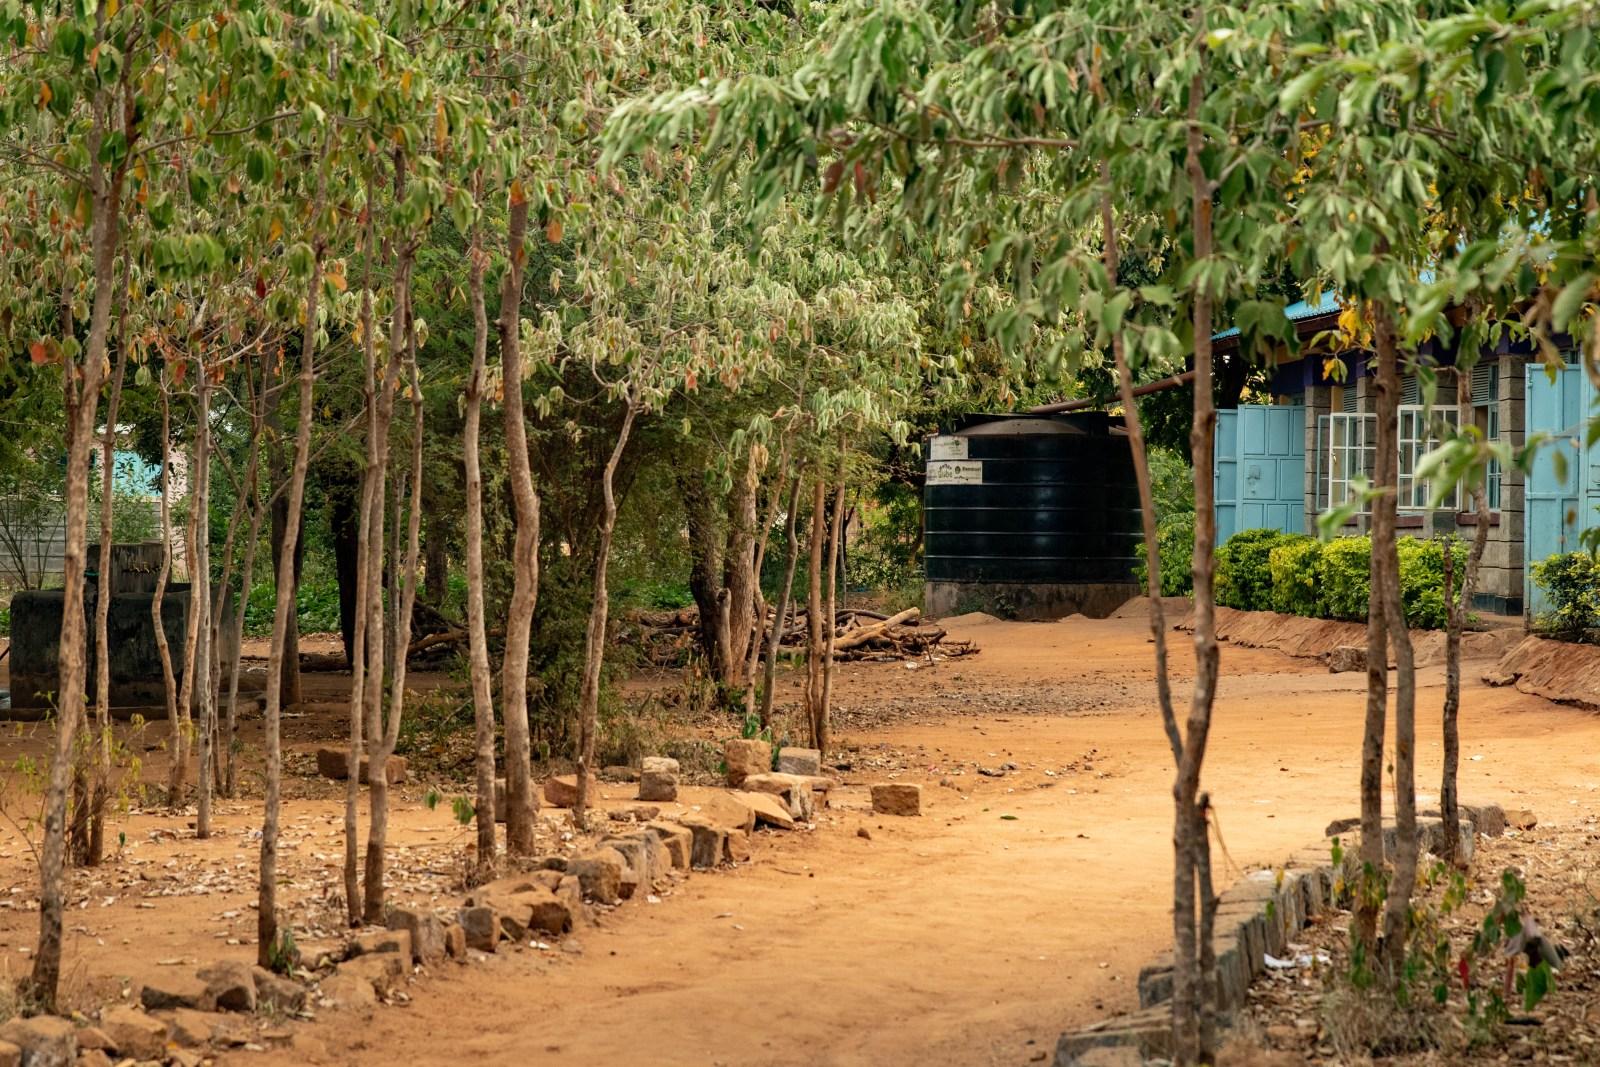 Allé med planterade träd som leder till matsalen med en stor sponsrad vattentank